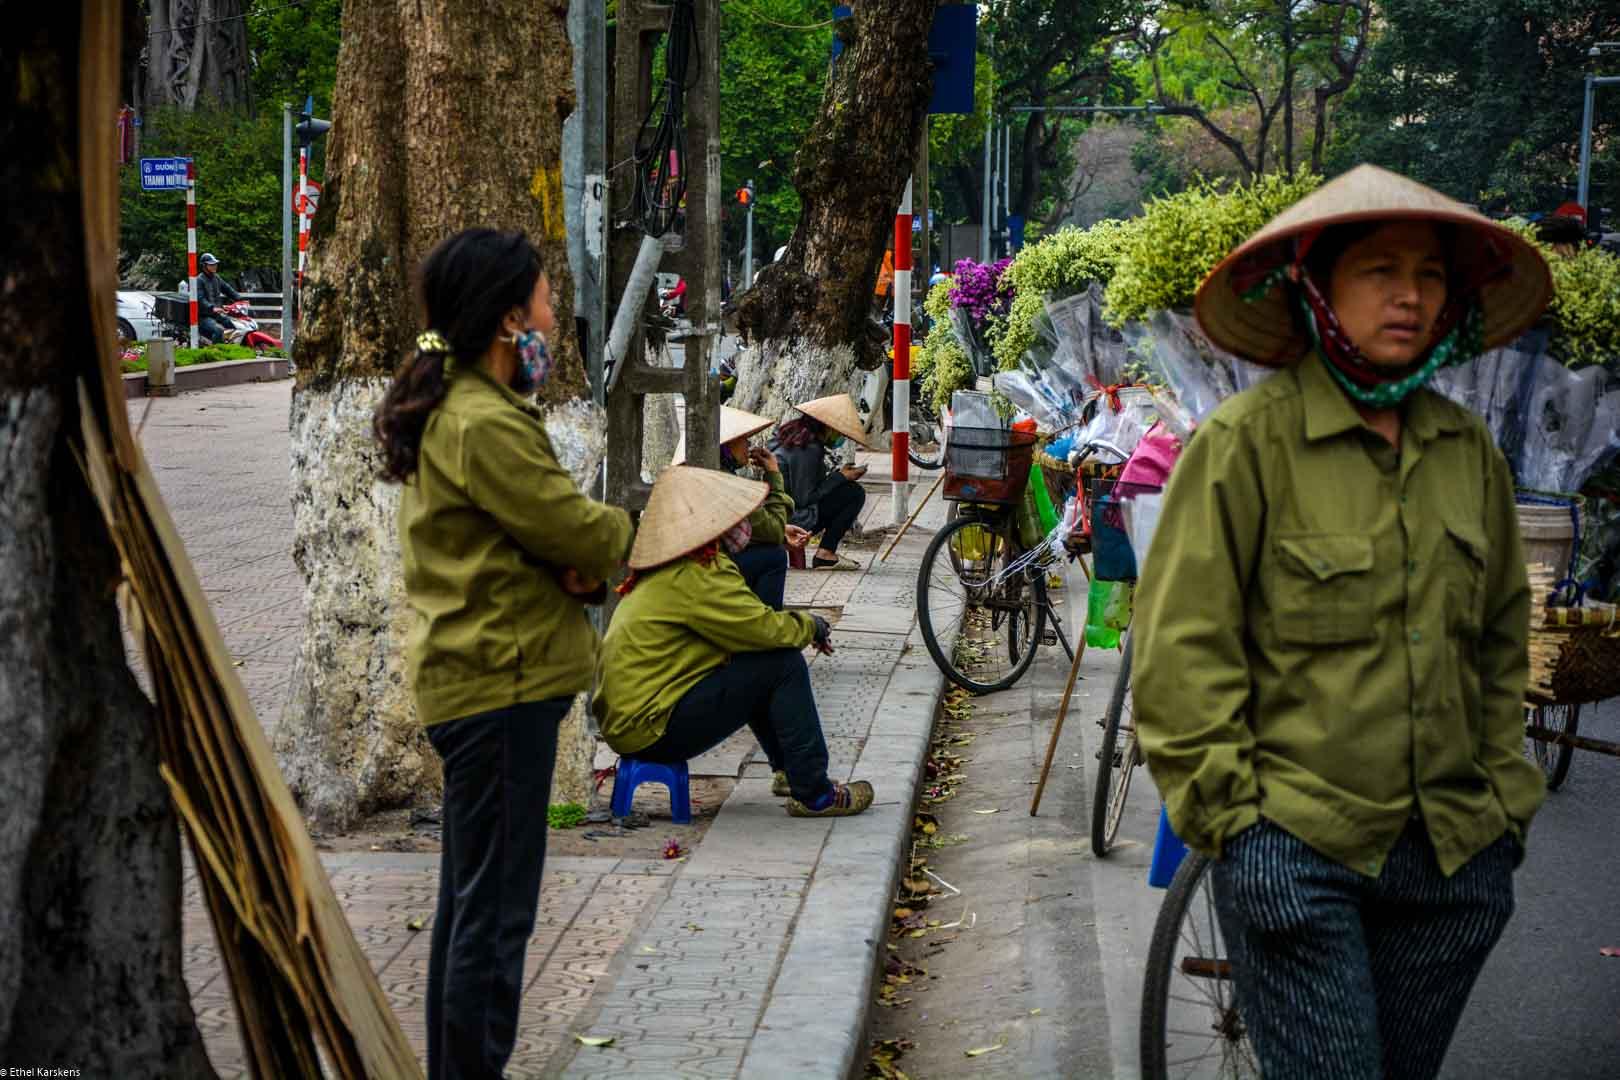 Femmes vendant des fleurs dans la rue